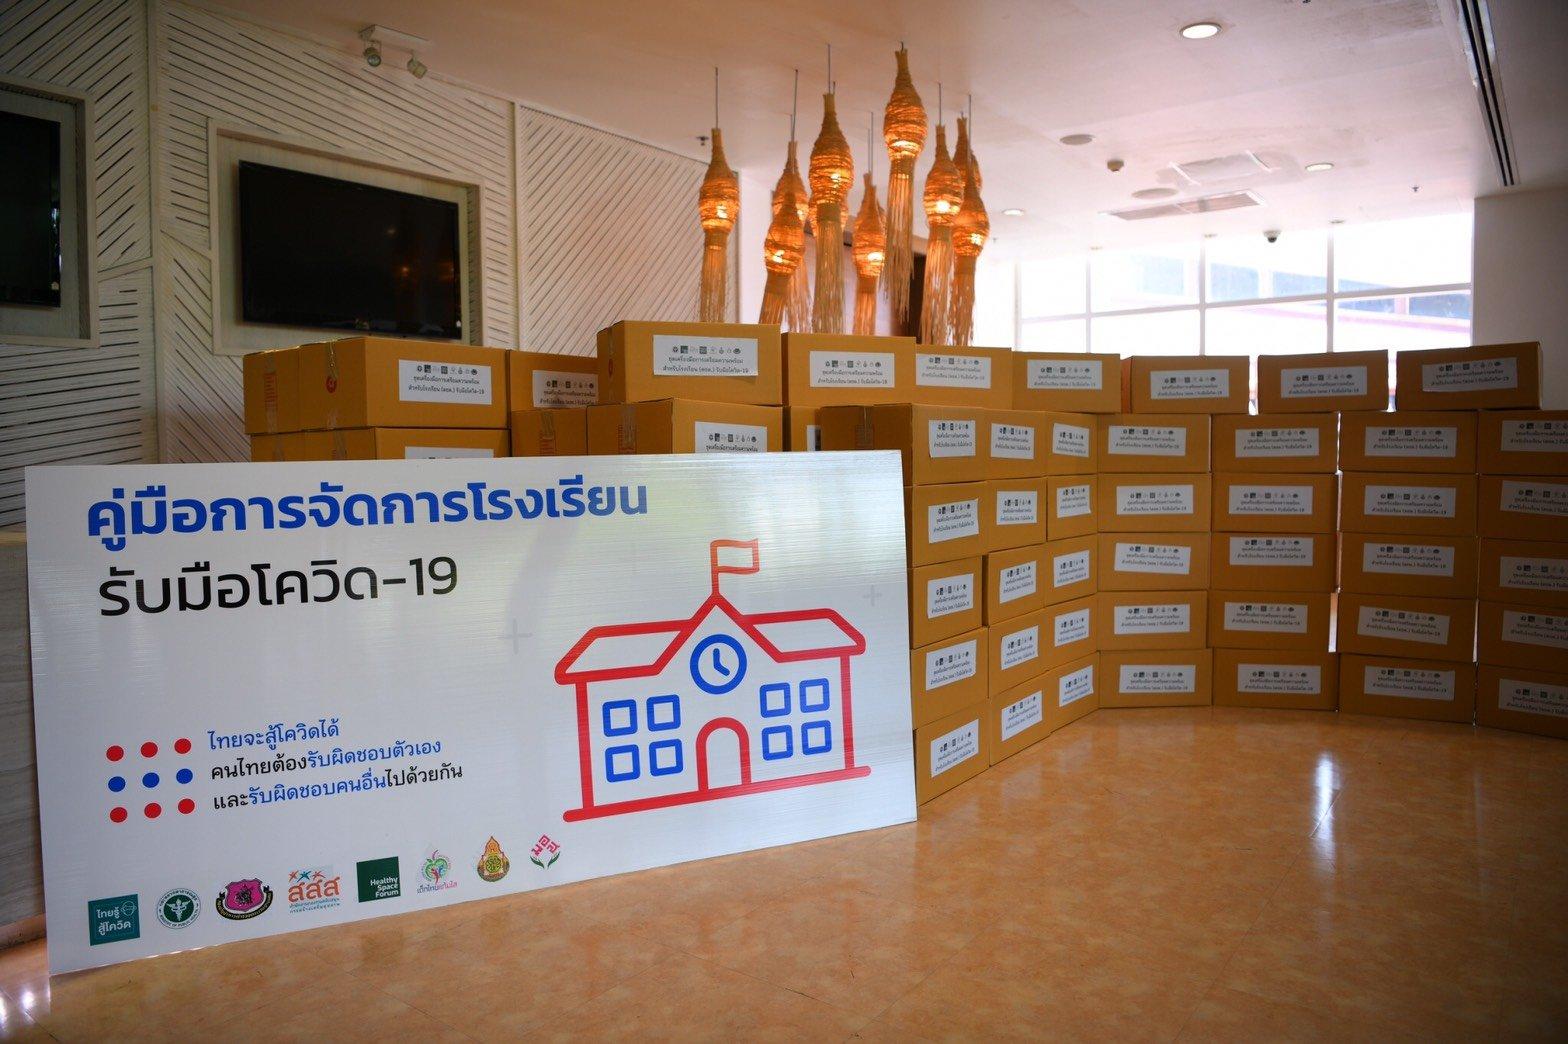 สสส.-สพฐ. ร่วมกันพัฒนาชุดเครื่องมือการจัดการโรงเรียน รับมือโควิด-19 ส่งมอบรร.ตชด. thaihealth